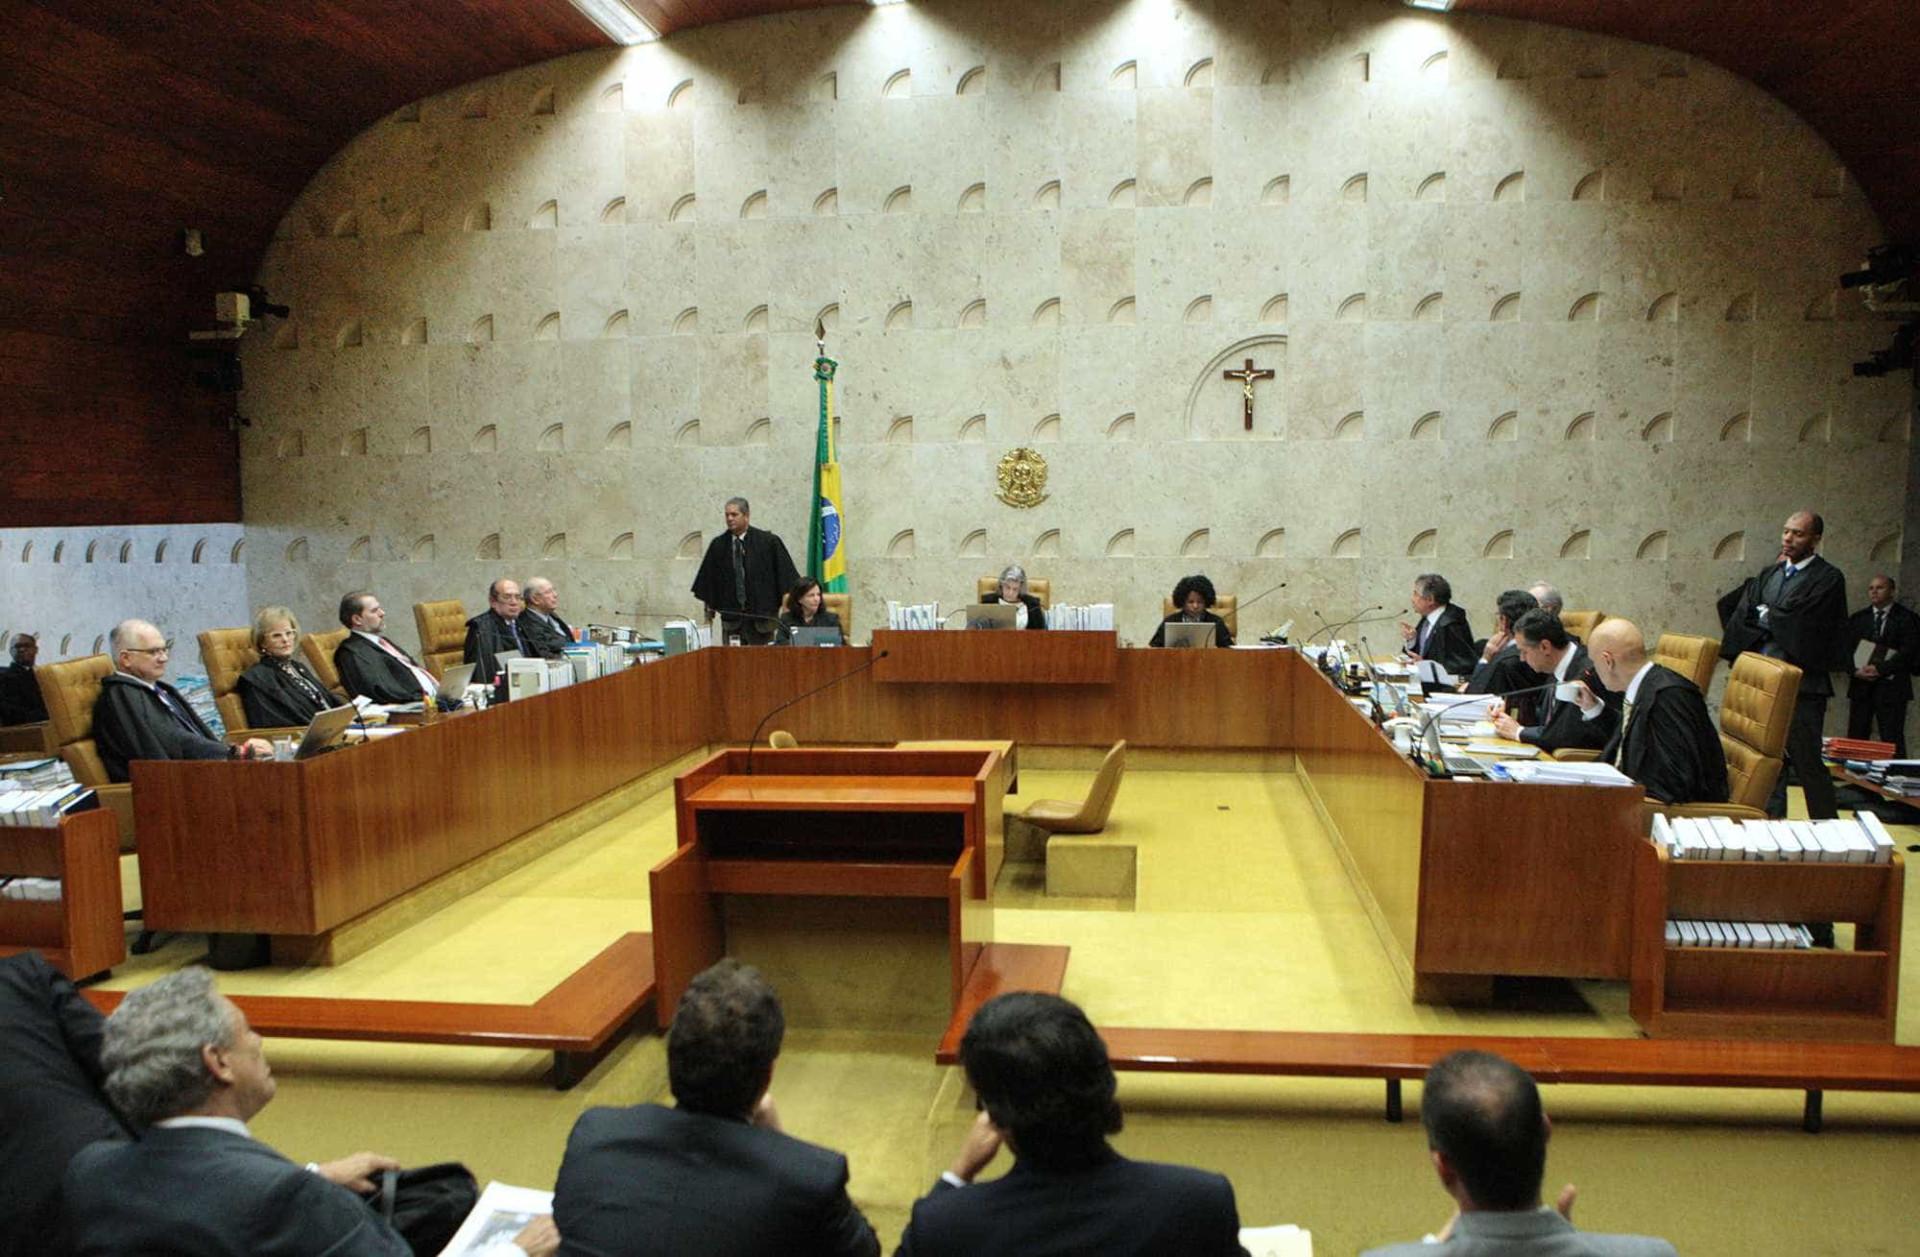 Cronologia: os eventos que resultaram na ordem de prisão de Lula